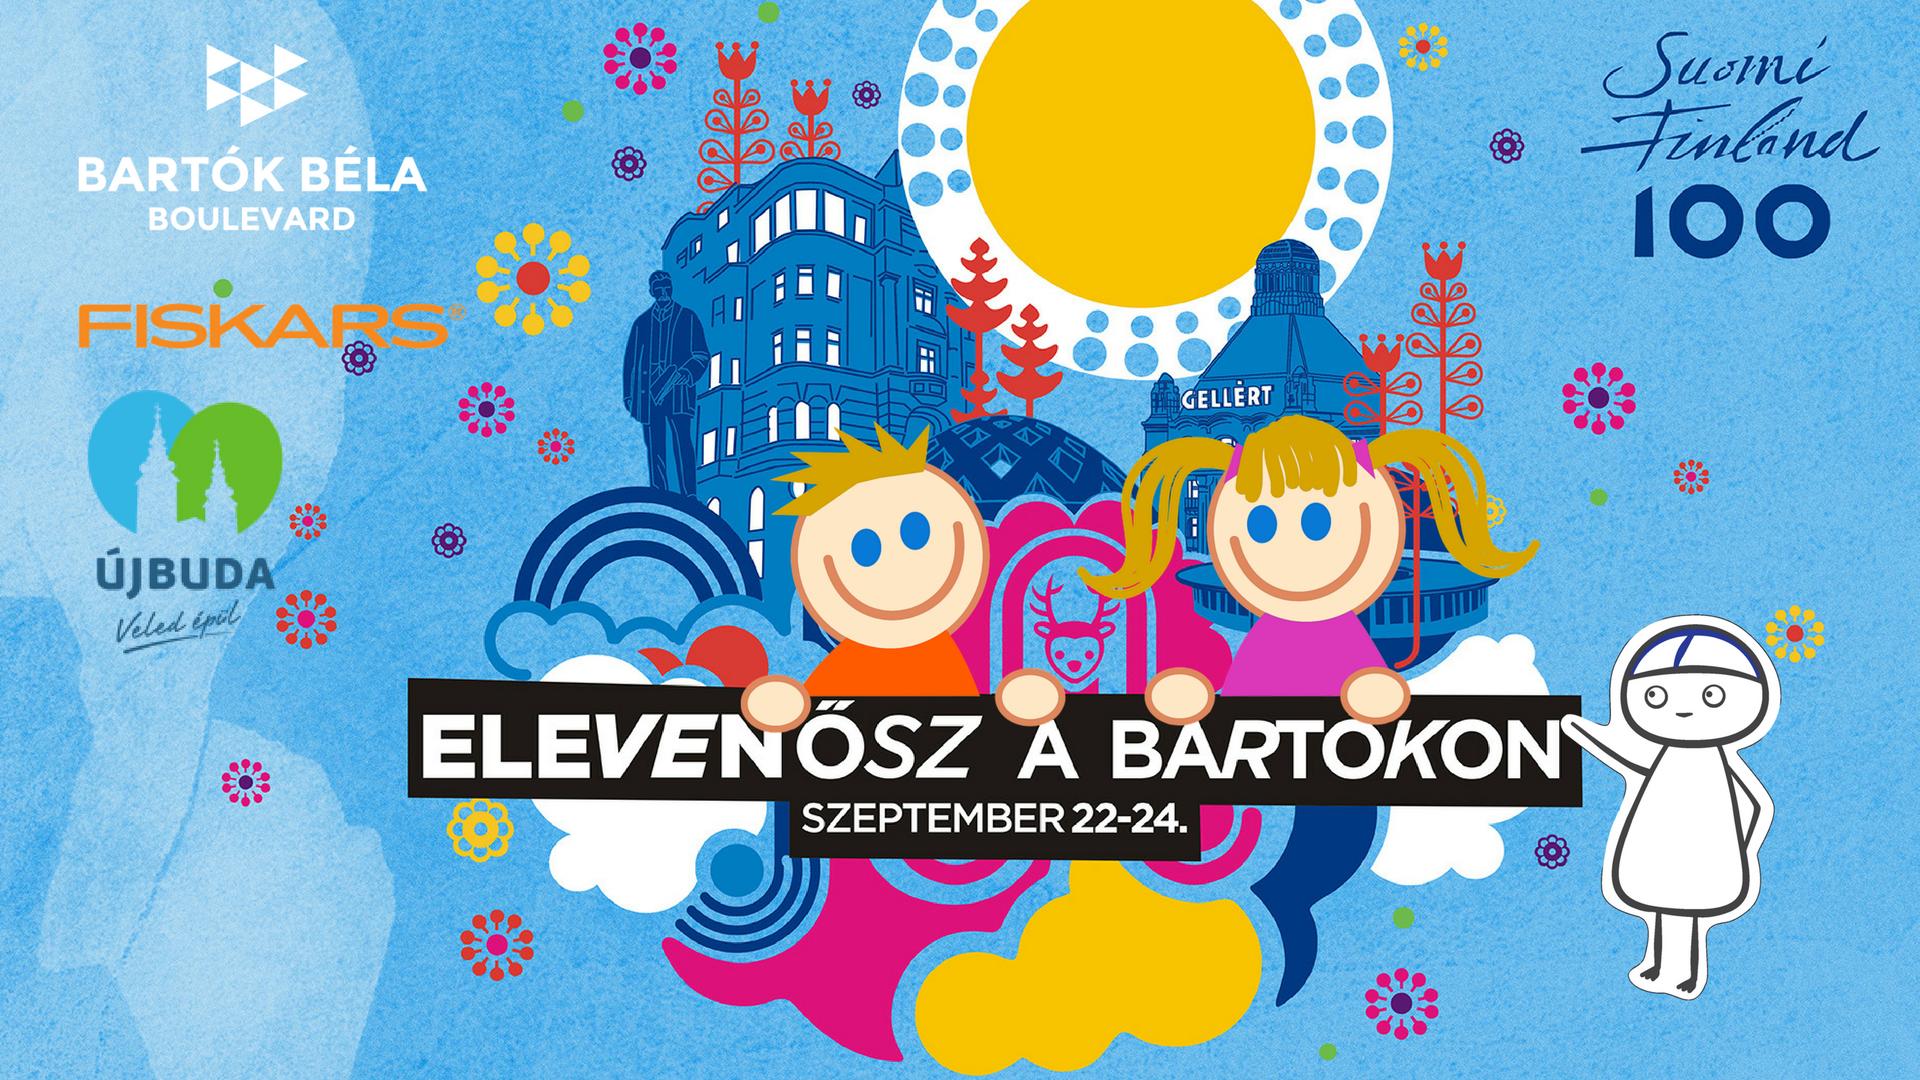 Fogadj örökbe egy virágágyást a Bartókon!